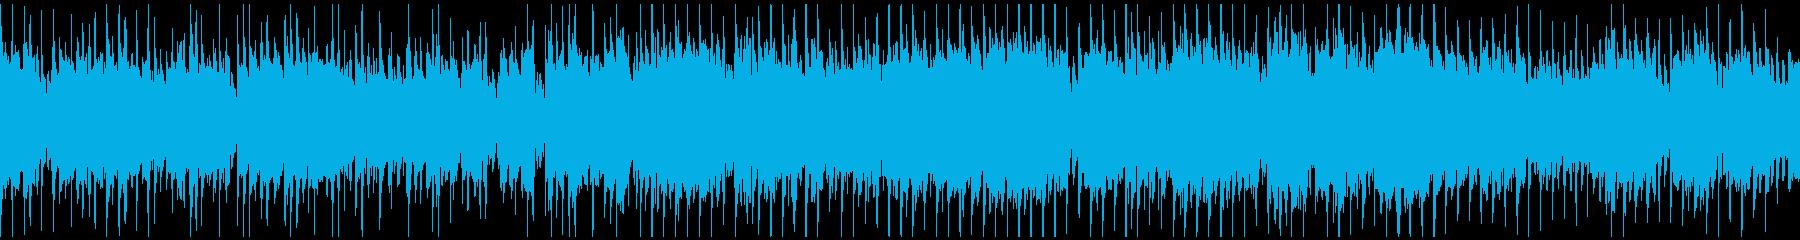 和風、お祭り忍者ディスコ ※ループ仕様版の再生済みの波形